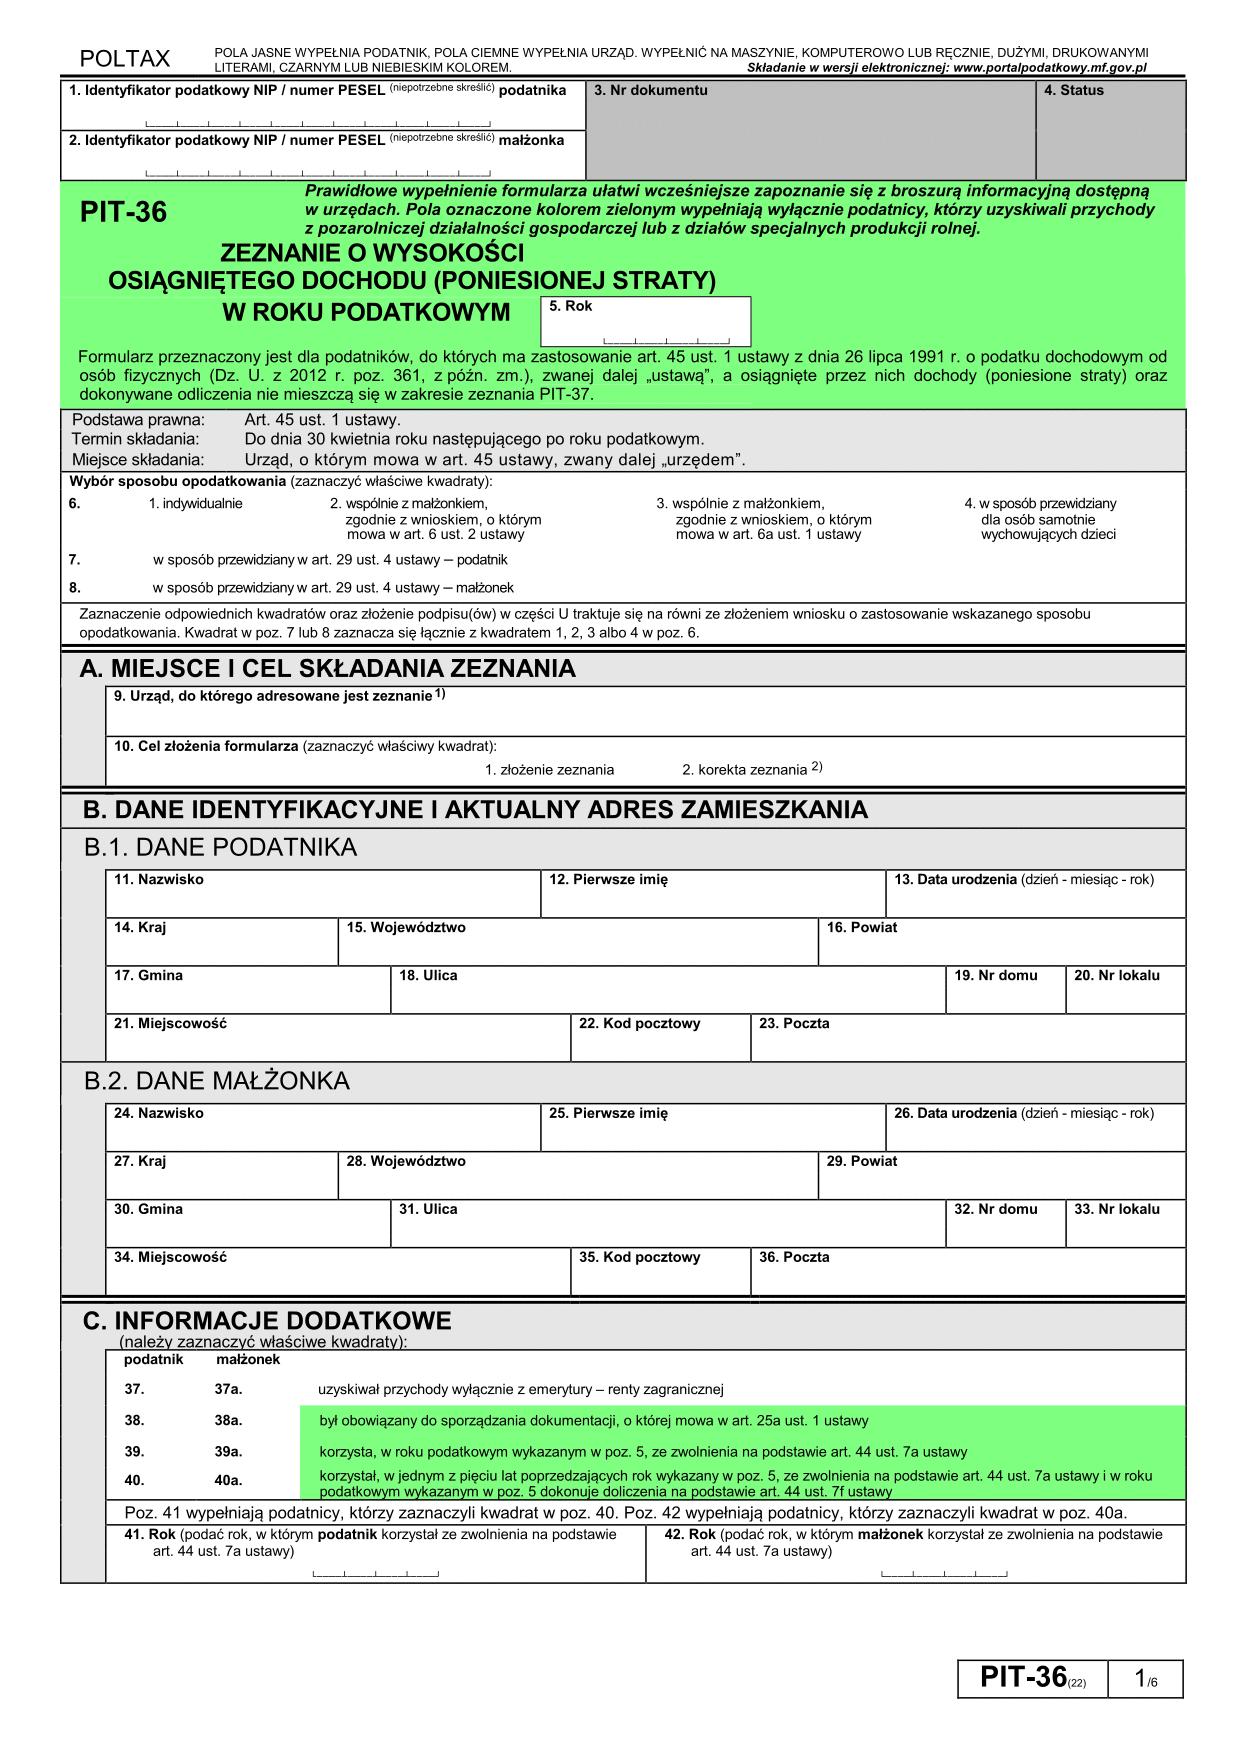 PIT-36 (22) (archiwalny) (2015) Zeznanie o wysokości osiągniętego dochodu (poniesionej straty)